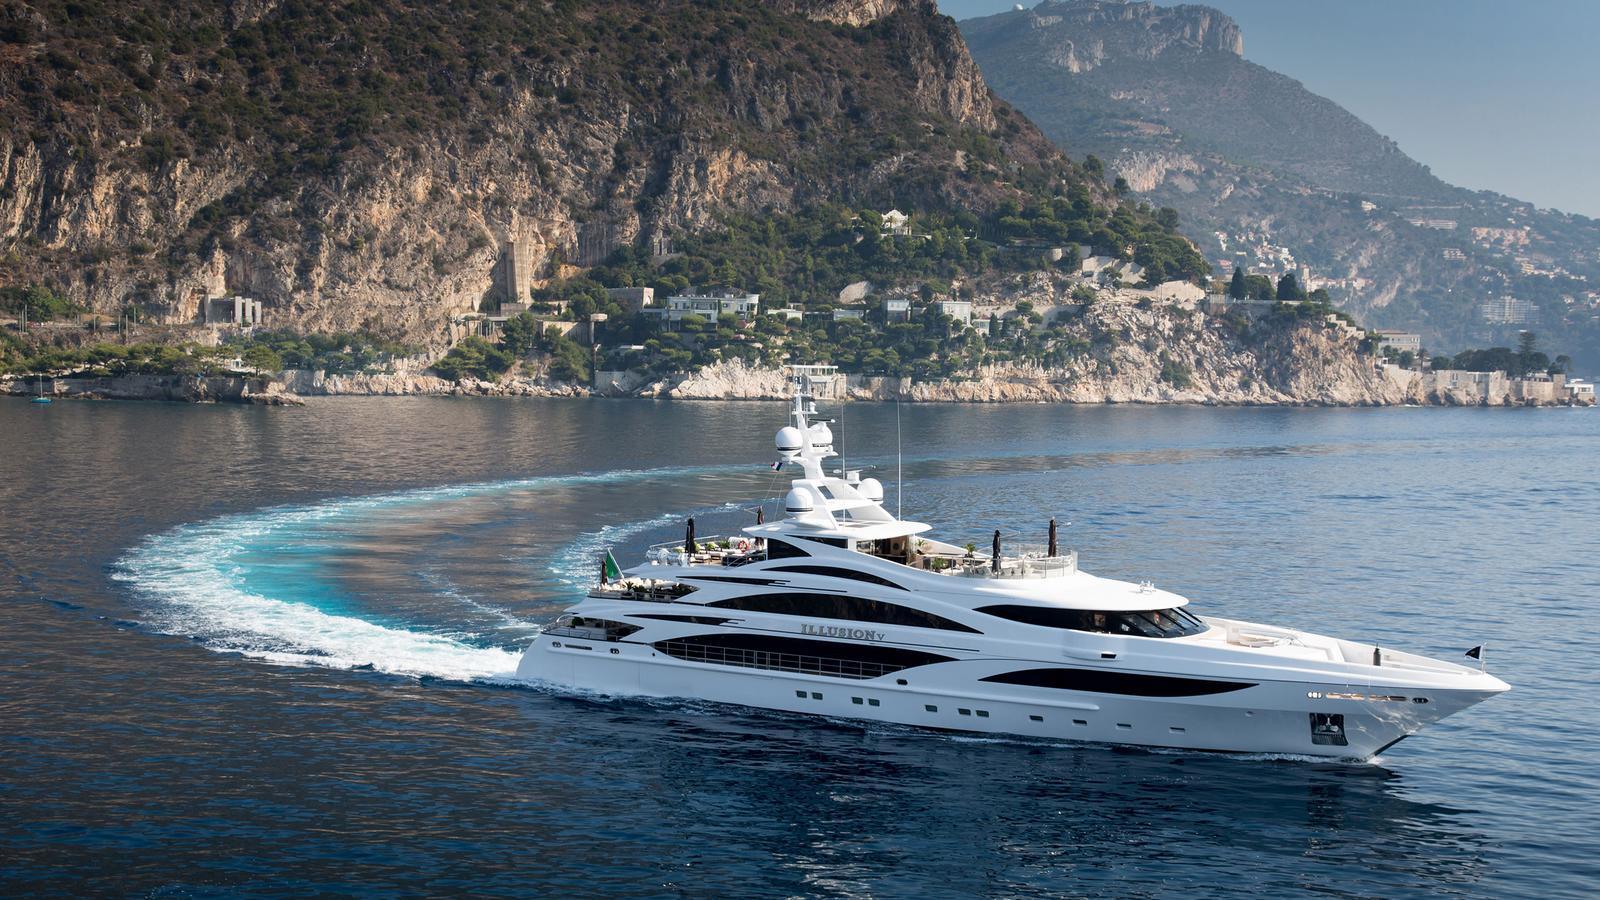 illusion-v-motor-yacht-benetti-2014-58m-cruising-profile